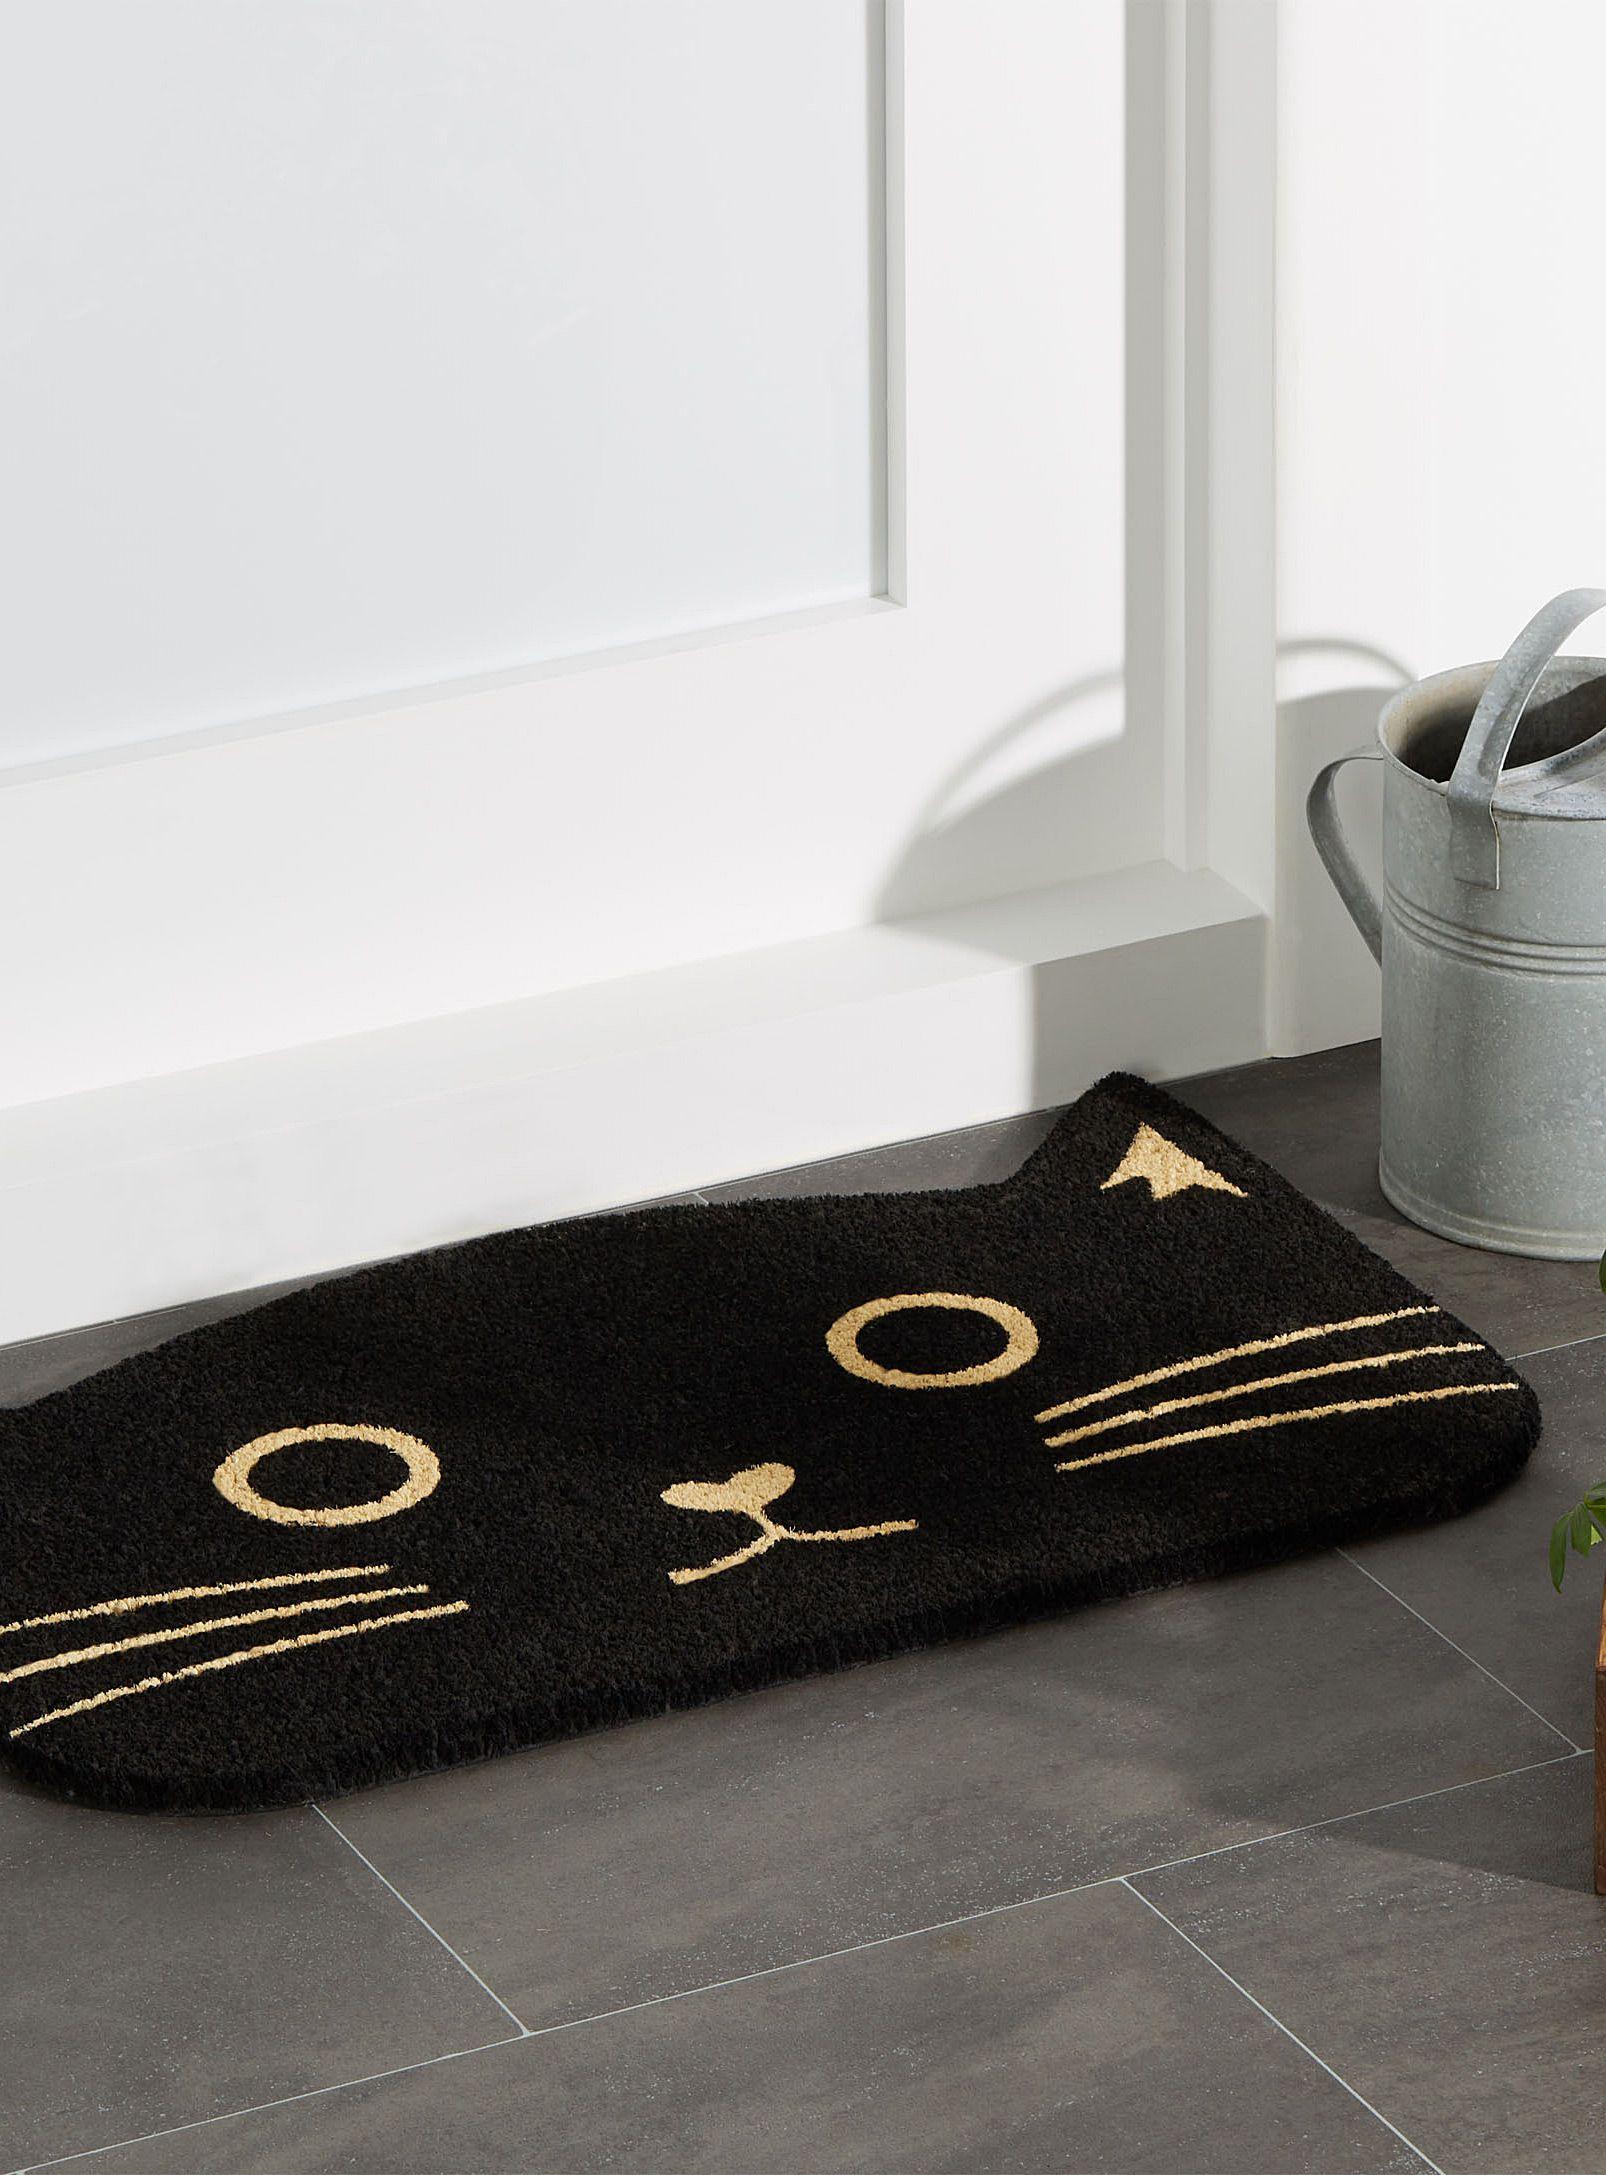 Brand new Black cat doormat 18